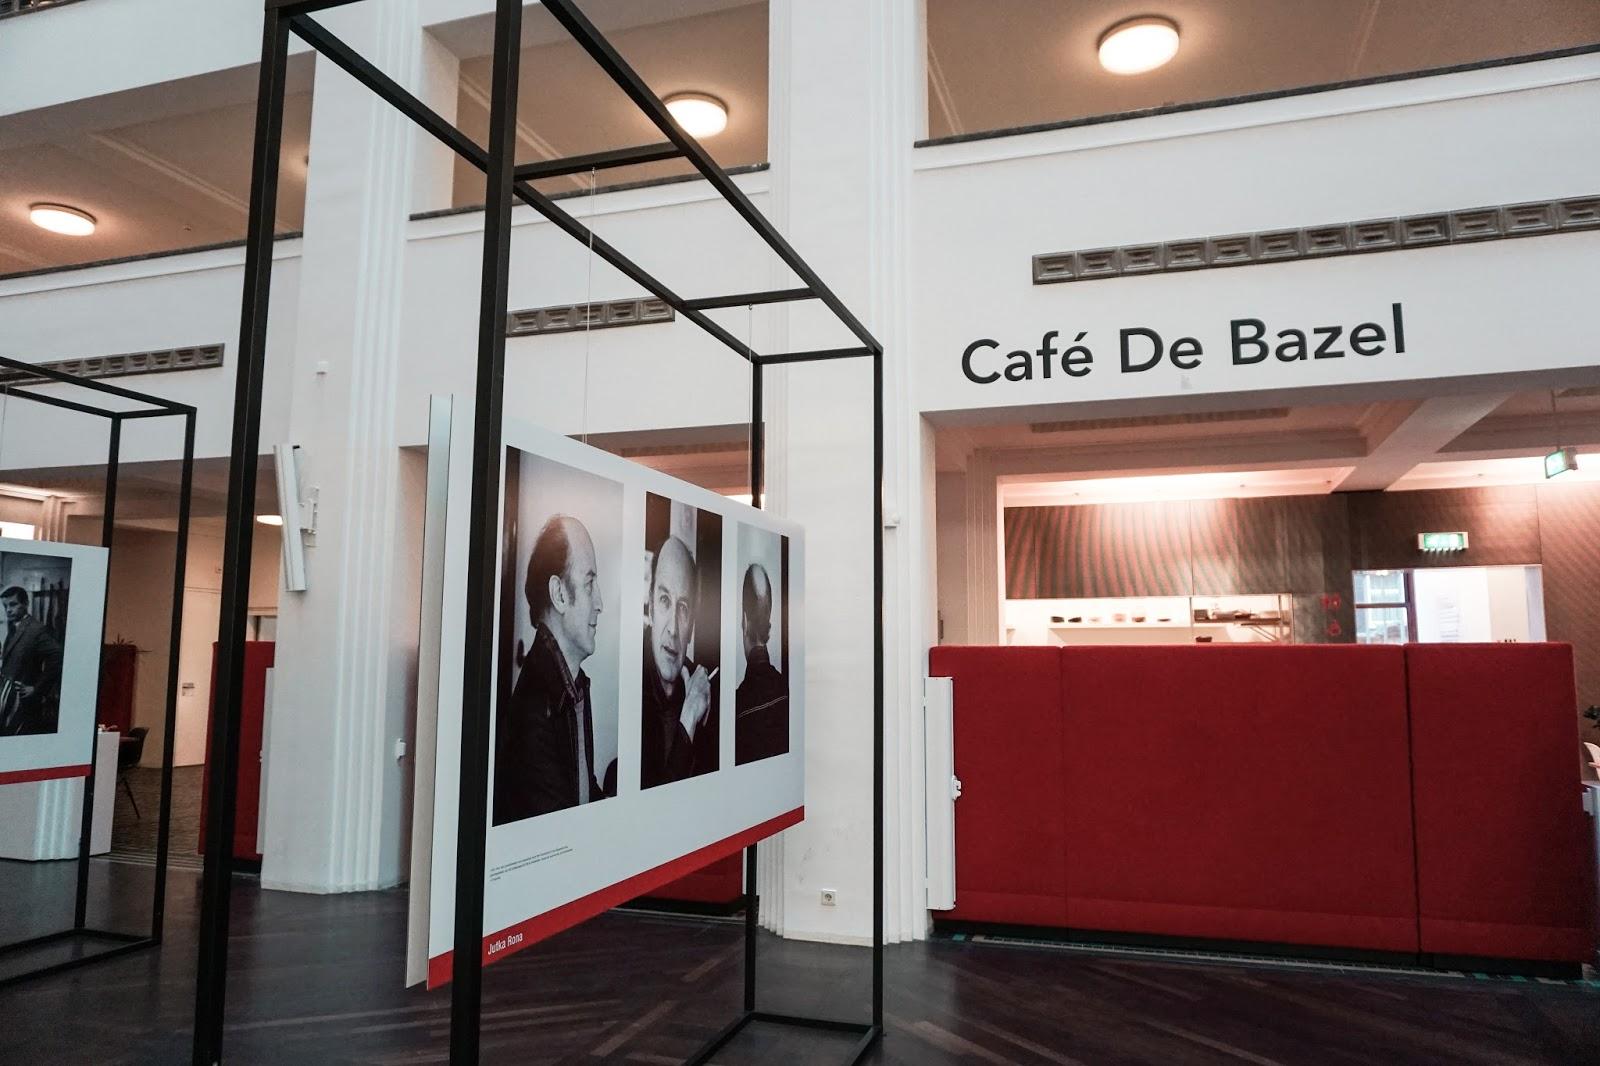 Amsterdam, Holandia, podróż do Amsterdamu, cafe de bazel, gdzie zjeść w Amsterdamie, gdzie niedrogo zjeść w Amsterdamie, Amsterdam polecane restauracje, blog podróżniczy, podróż do Holandii, architektura Amsterdamu, ile kosztują restauracje w Amsterdamie